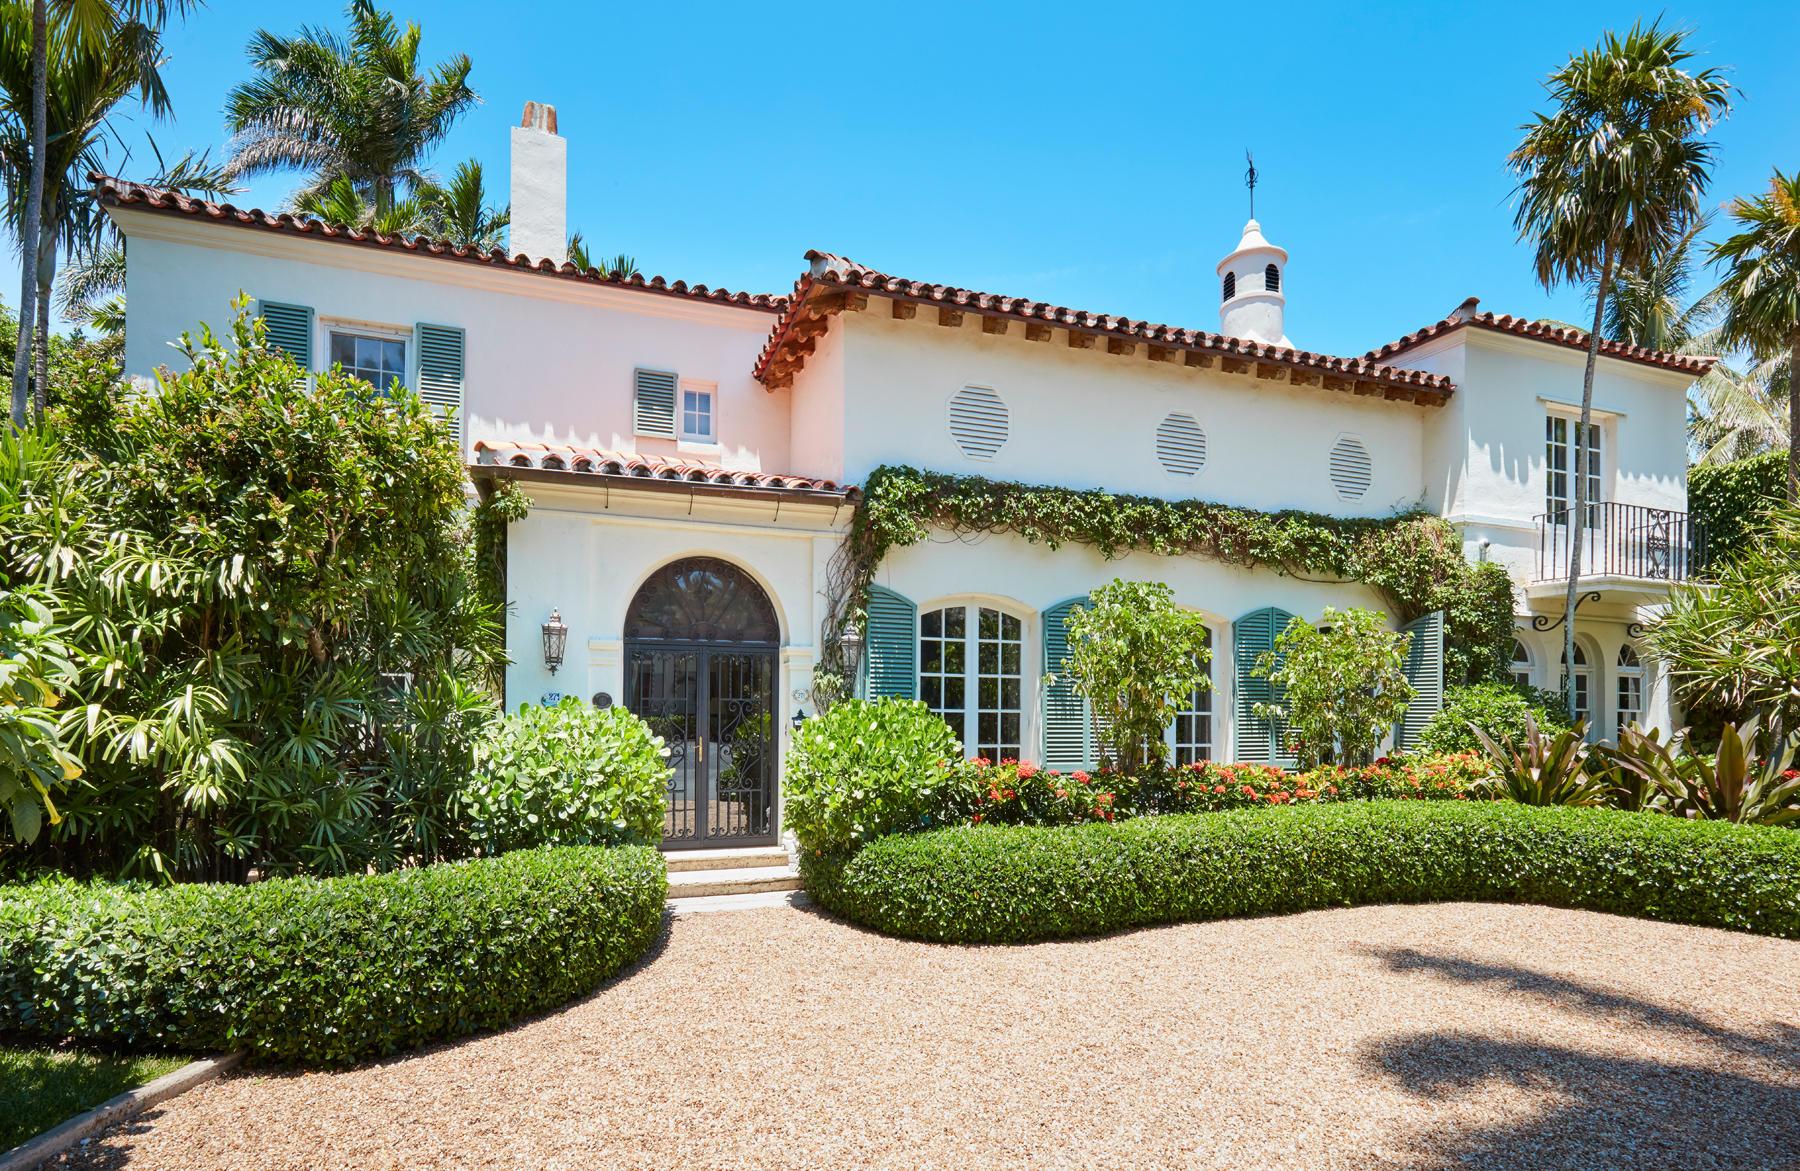 271 El Vedado Road, Palm Beach, Florida 33480, 5 Bedrooms Bedrooms, ,4.1 BathroomsBathrooms,Single Family,For Sale,El Vedado,RX-10398797